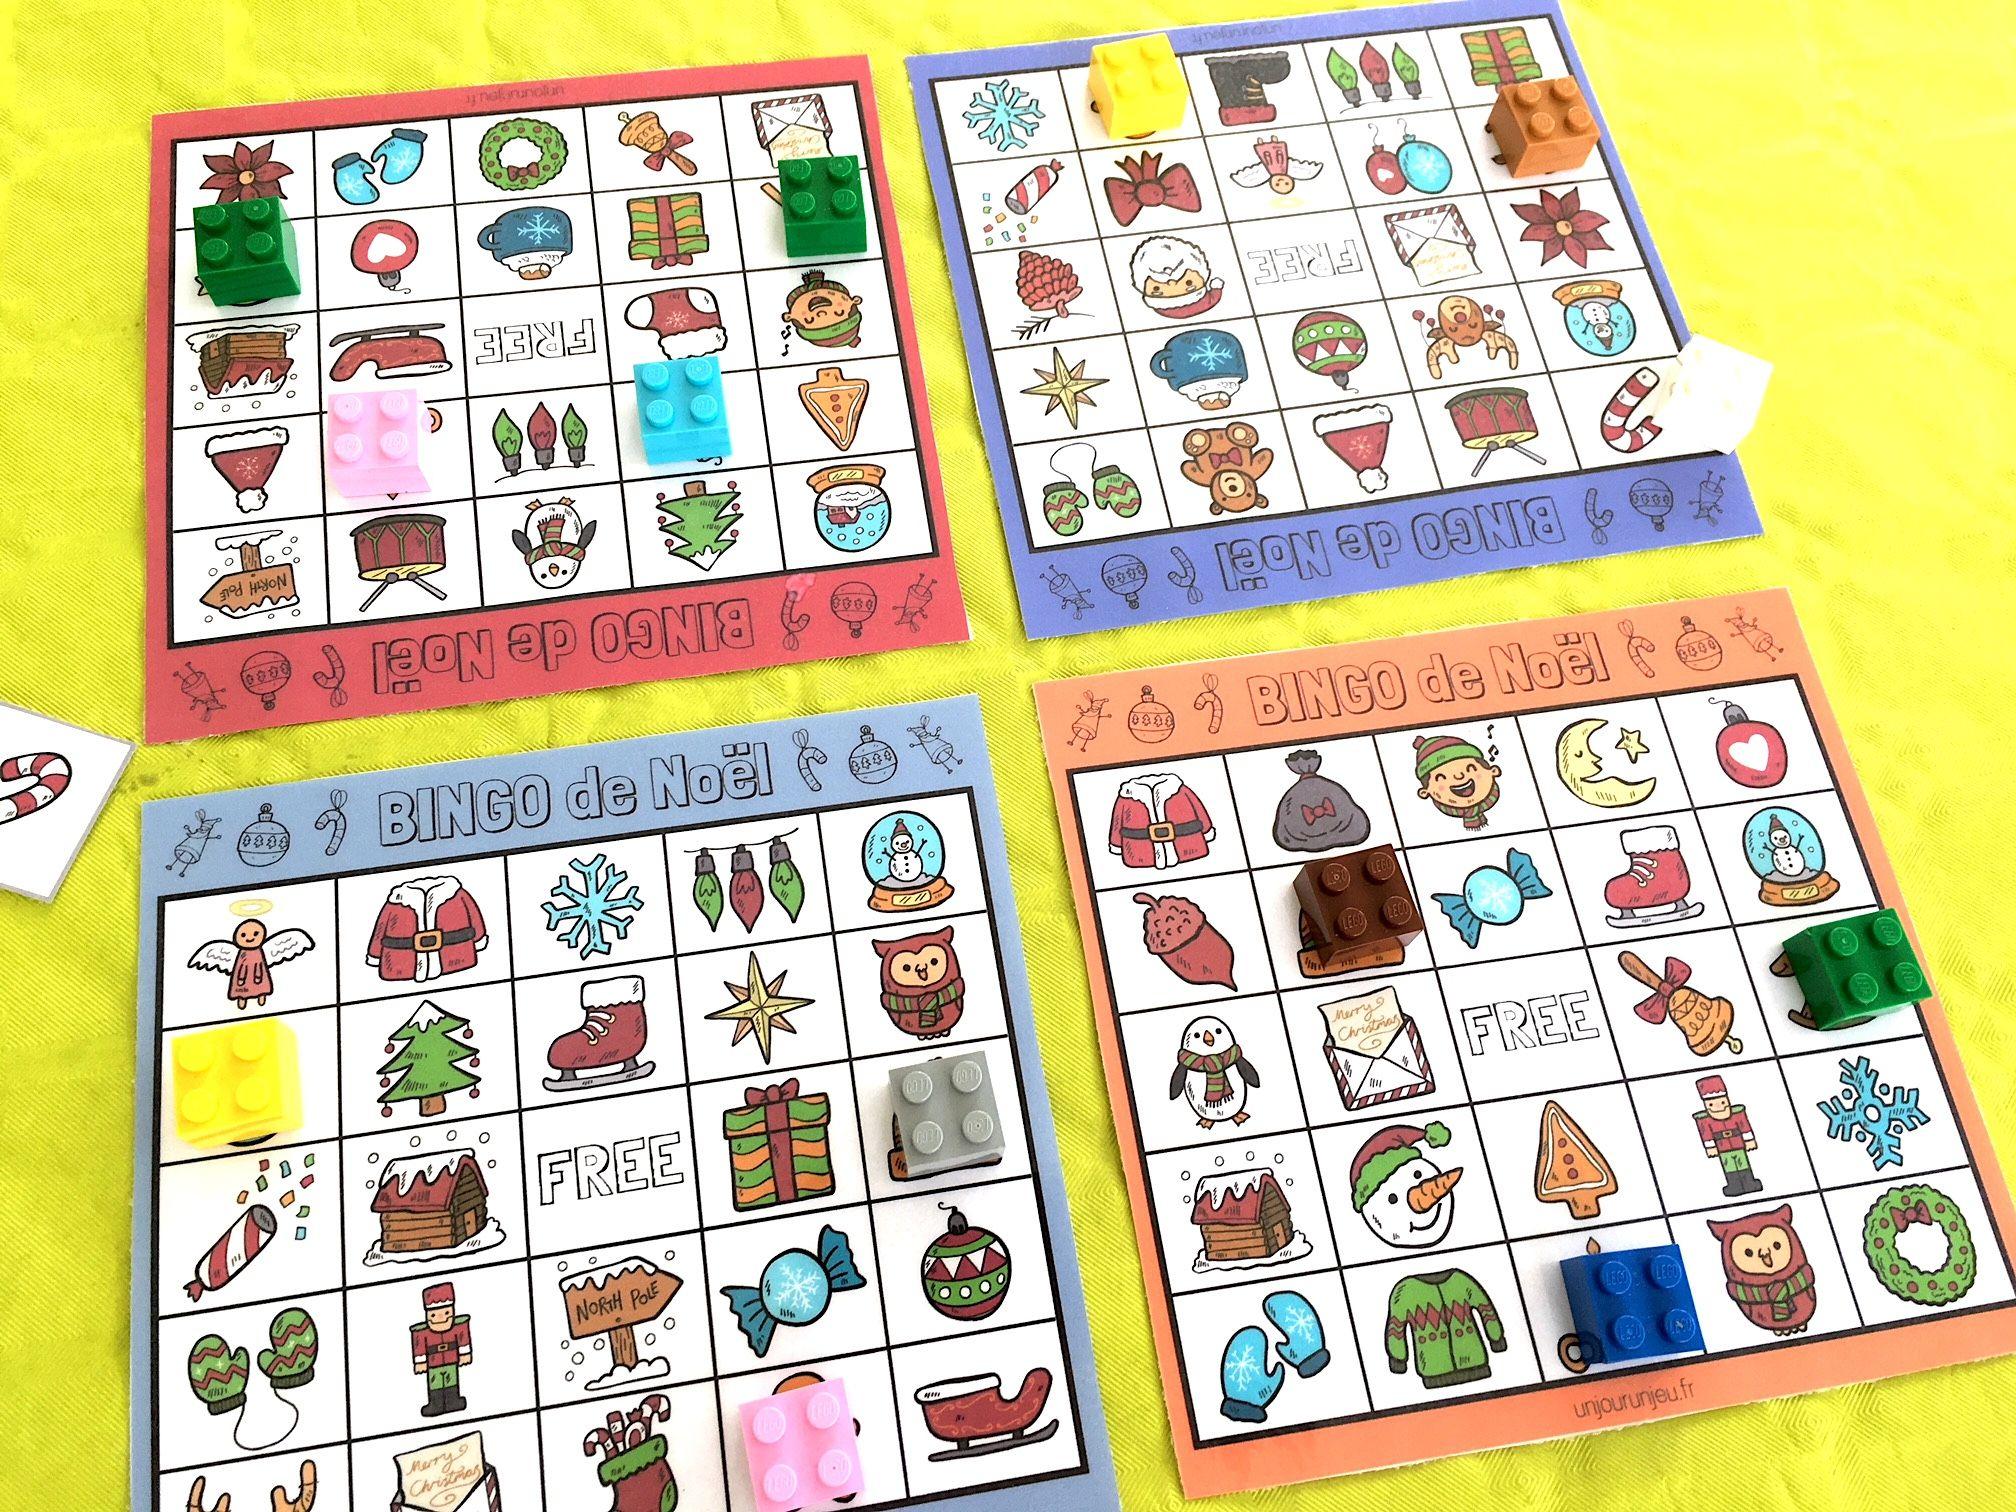 Jeu De Noël : Bingo À Télécharger Gratuitement Pour Vos serapportantà Jeux De Enfan Gratuit